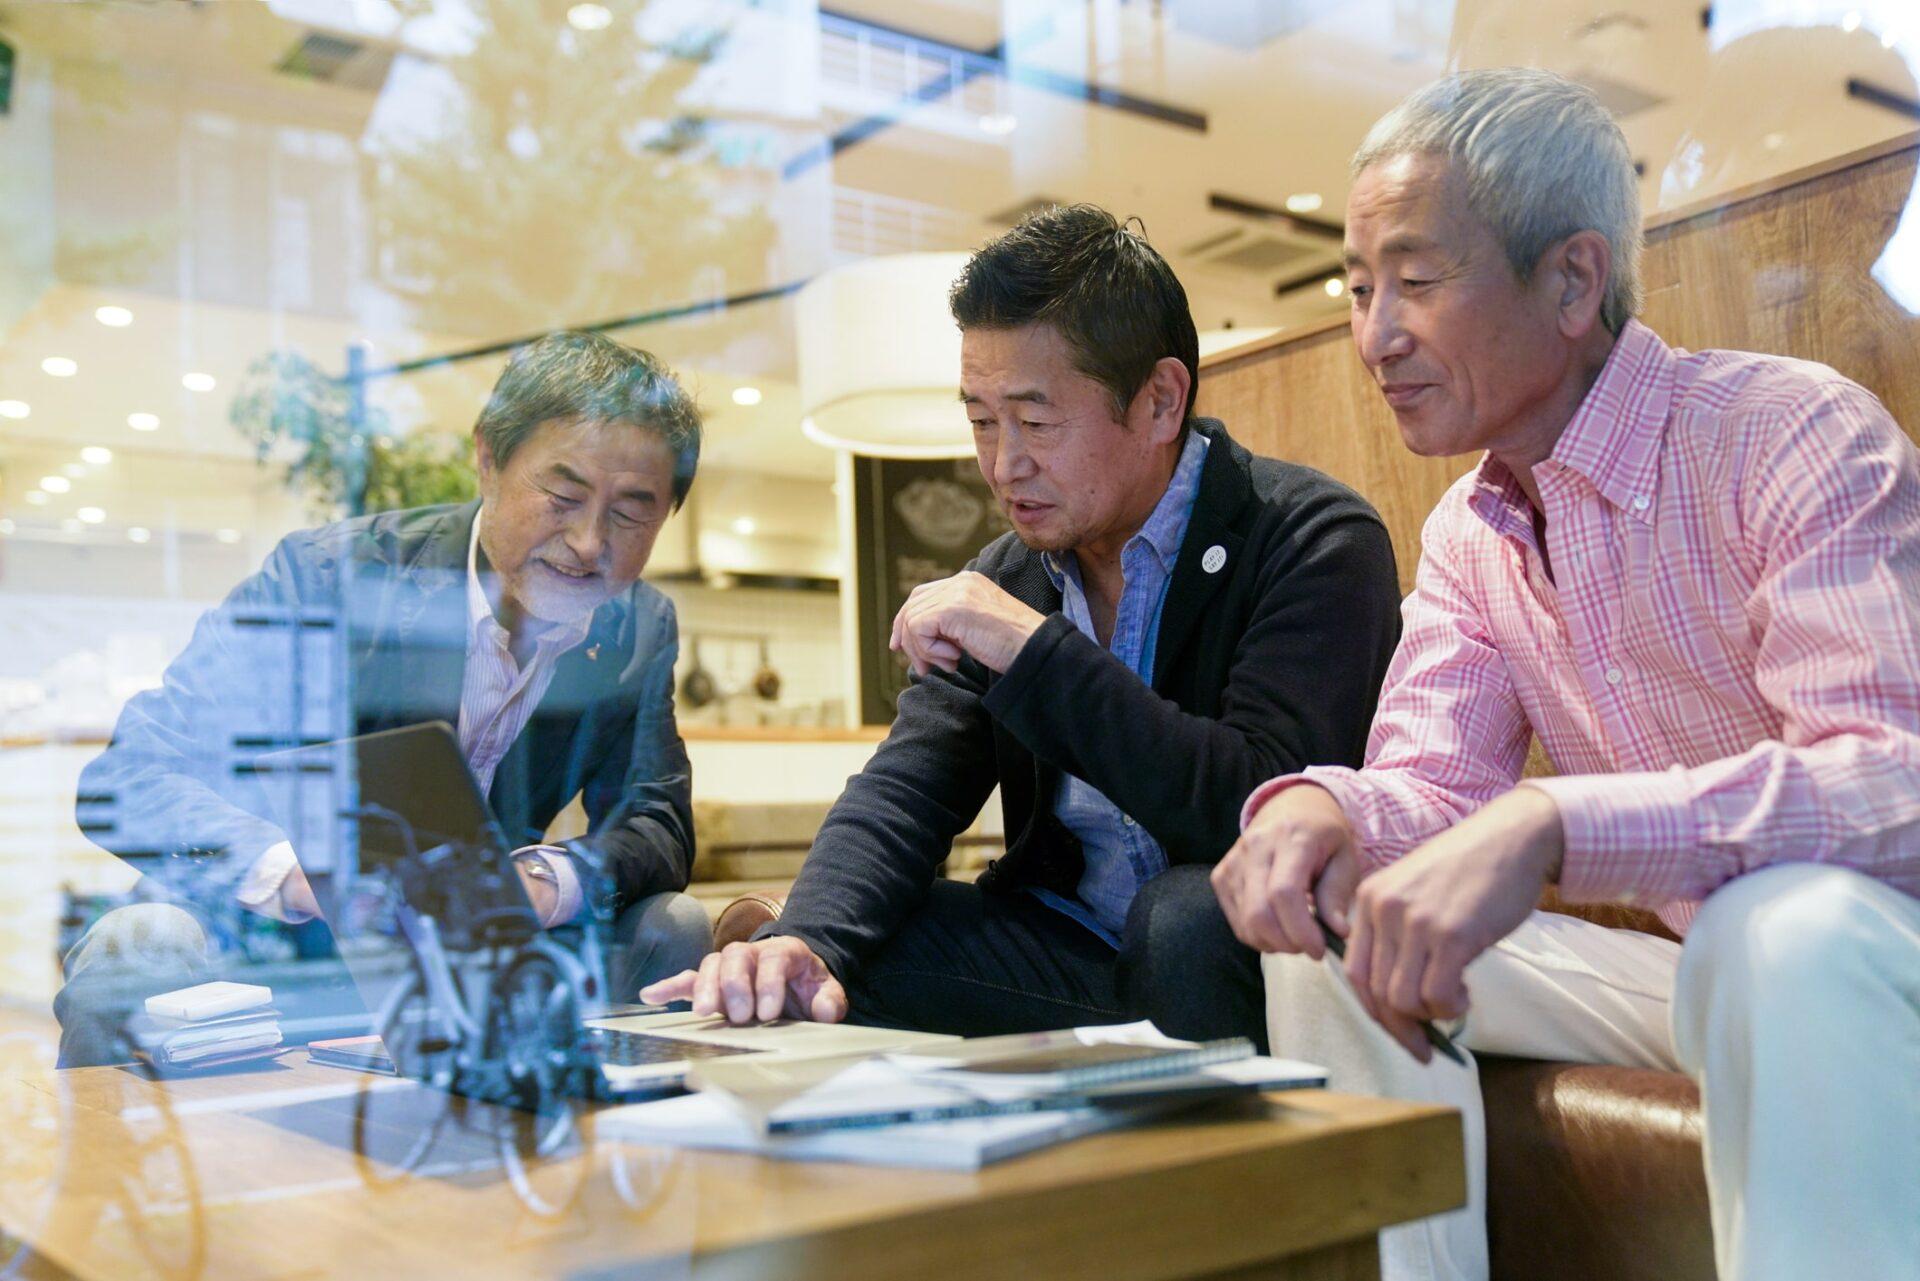 幅広い年齢層、さまざまな職業の経営者が参加しています